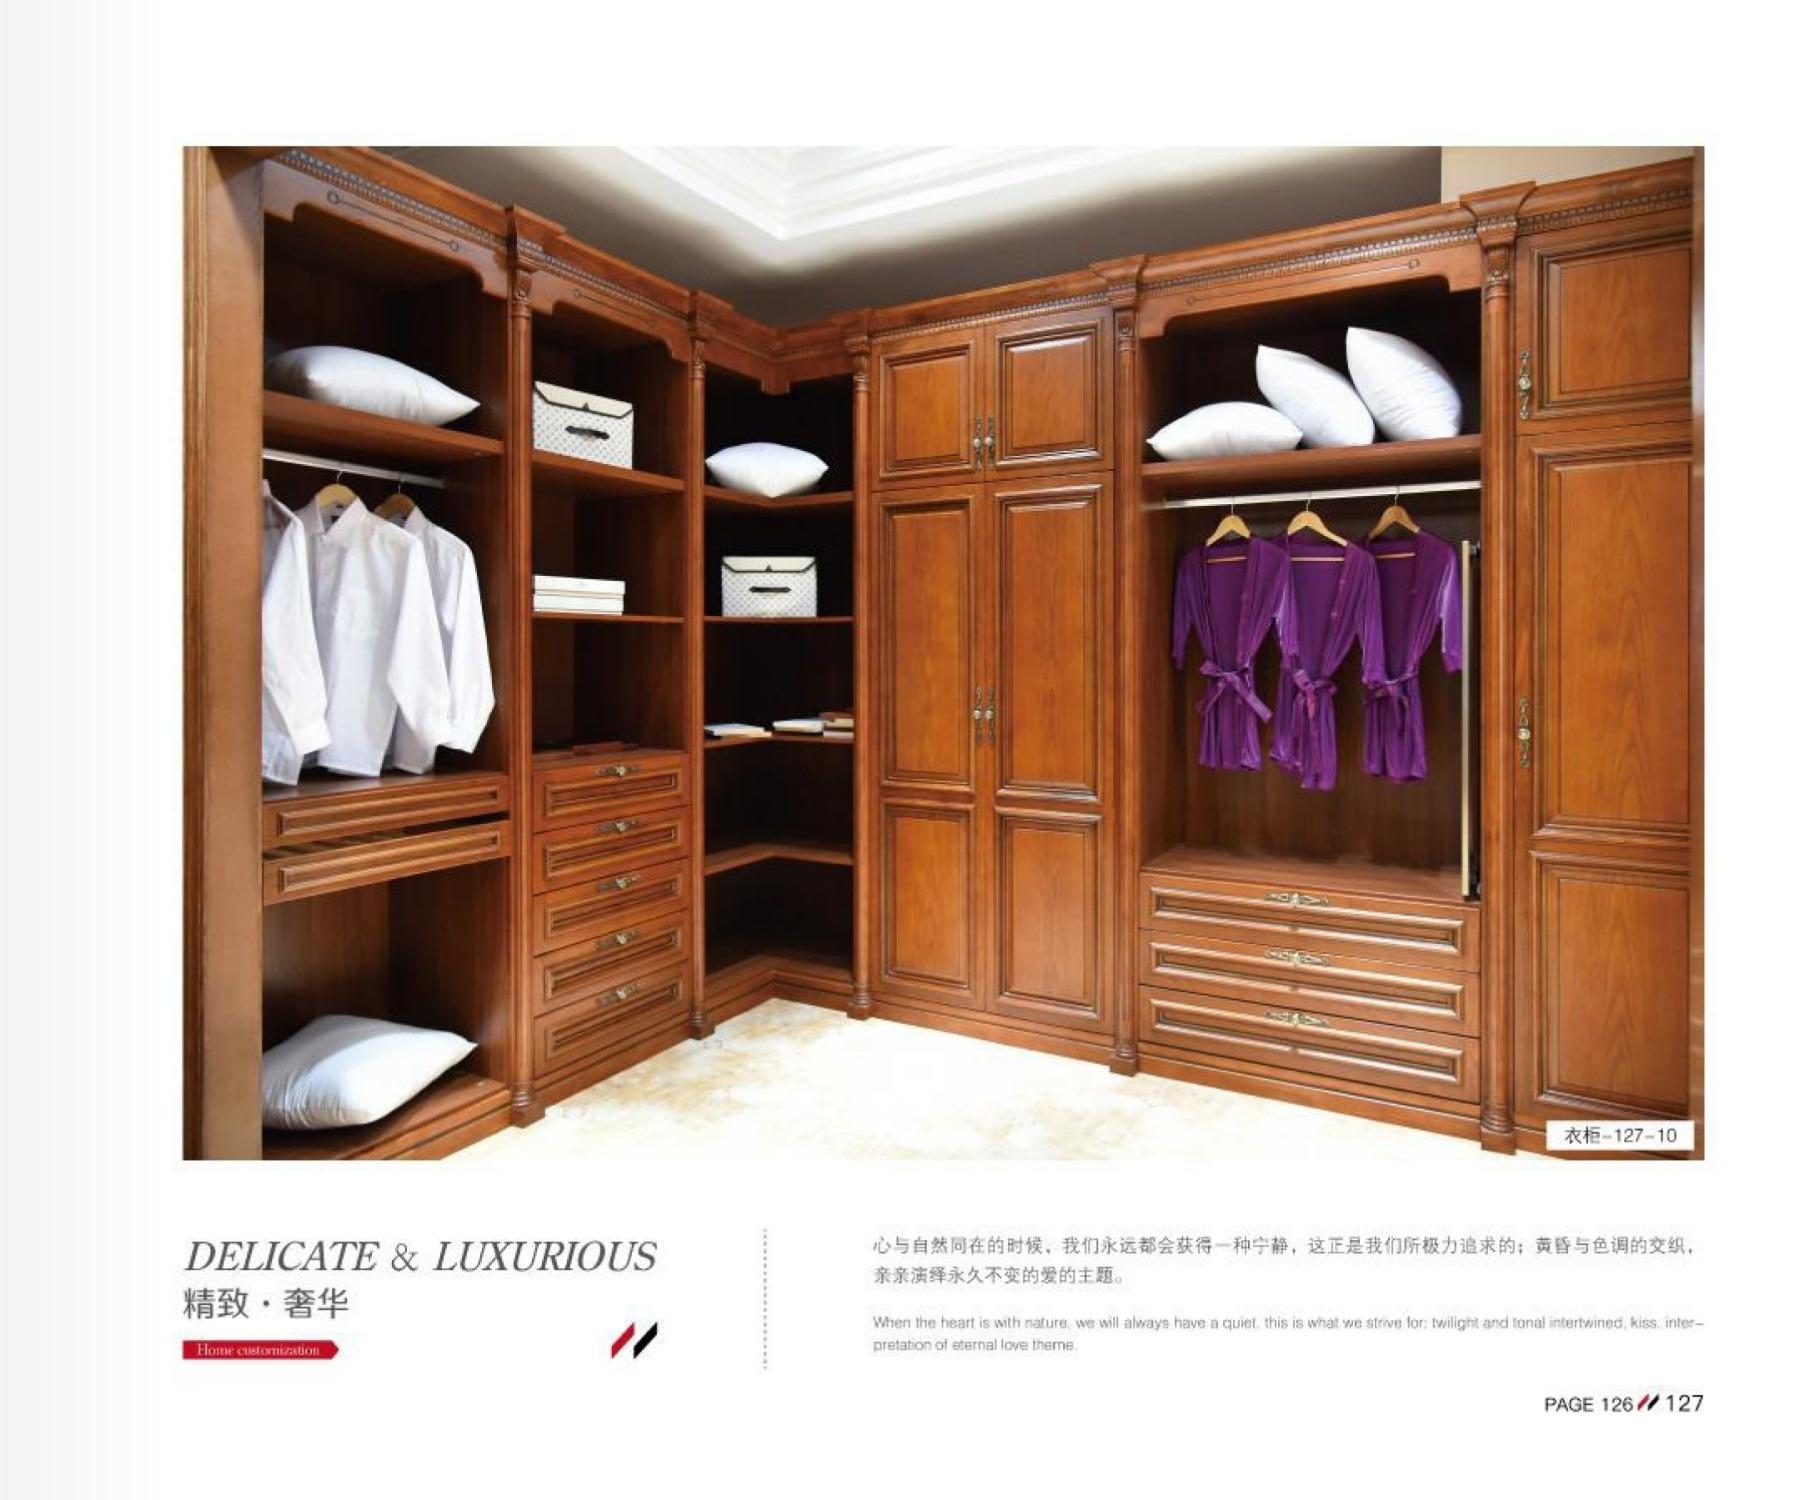 格兰伯爵整体衣柜 定制衣柜 衣帽间定制  全屋实木家具定制  美式家具定制